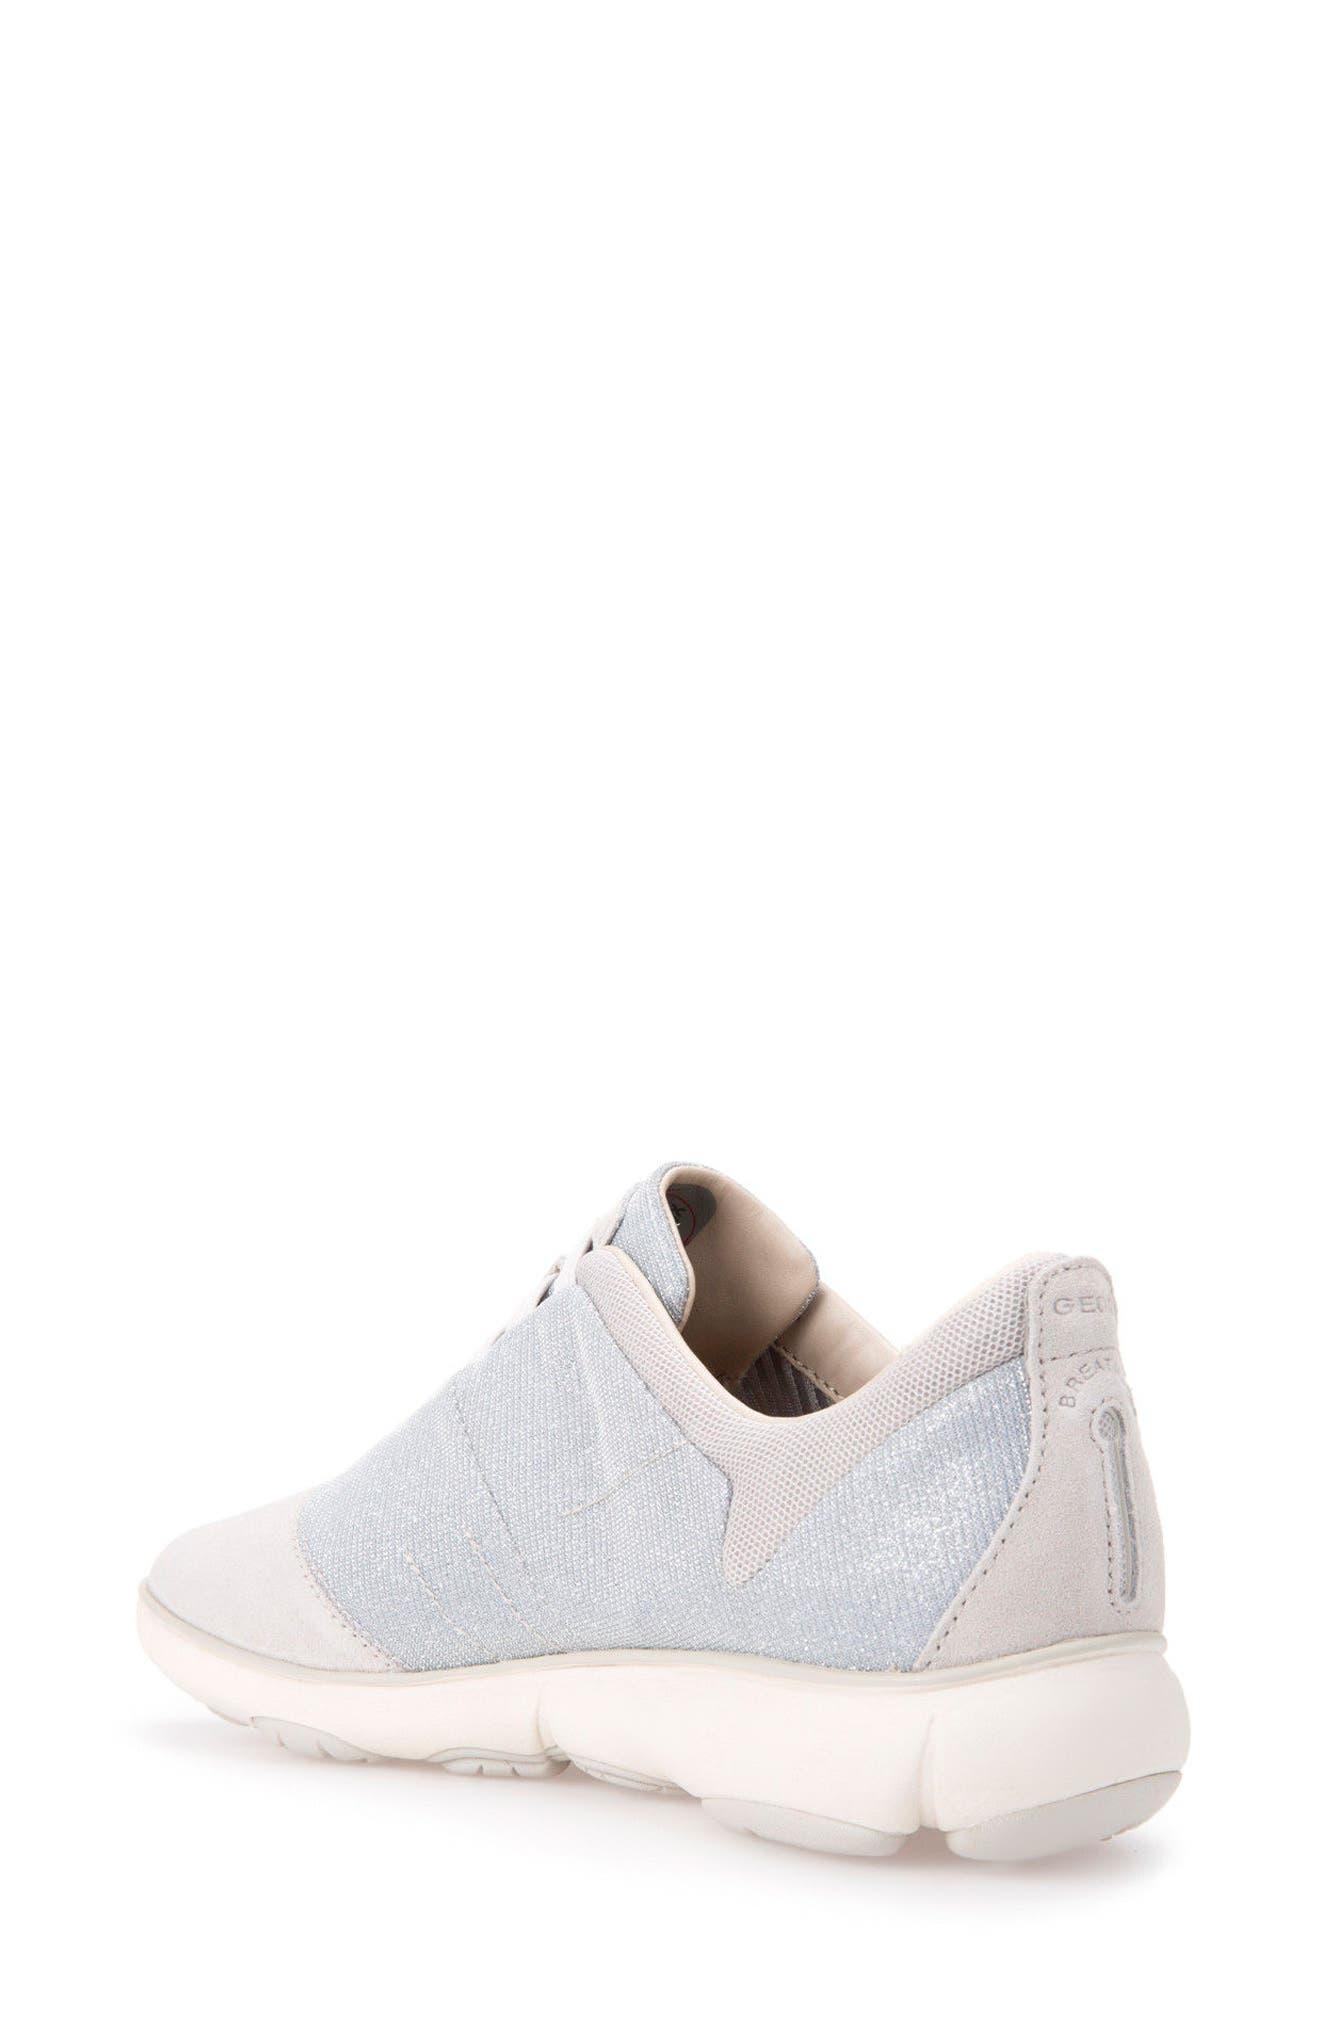 Nebula Slip-On Sneaker,                             Alternate thumbnail 21, color,